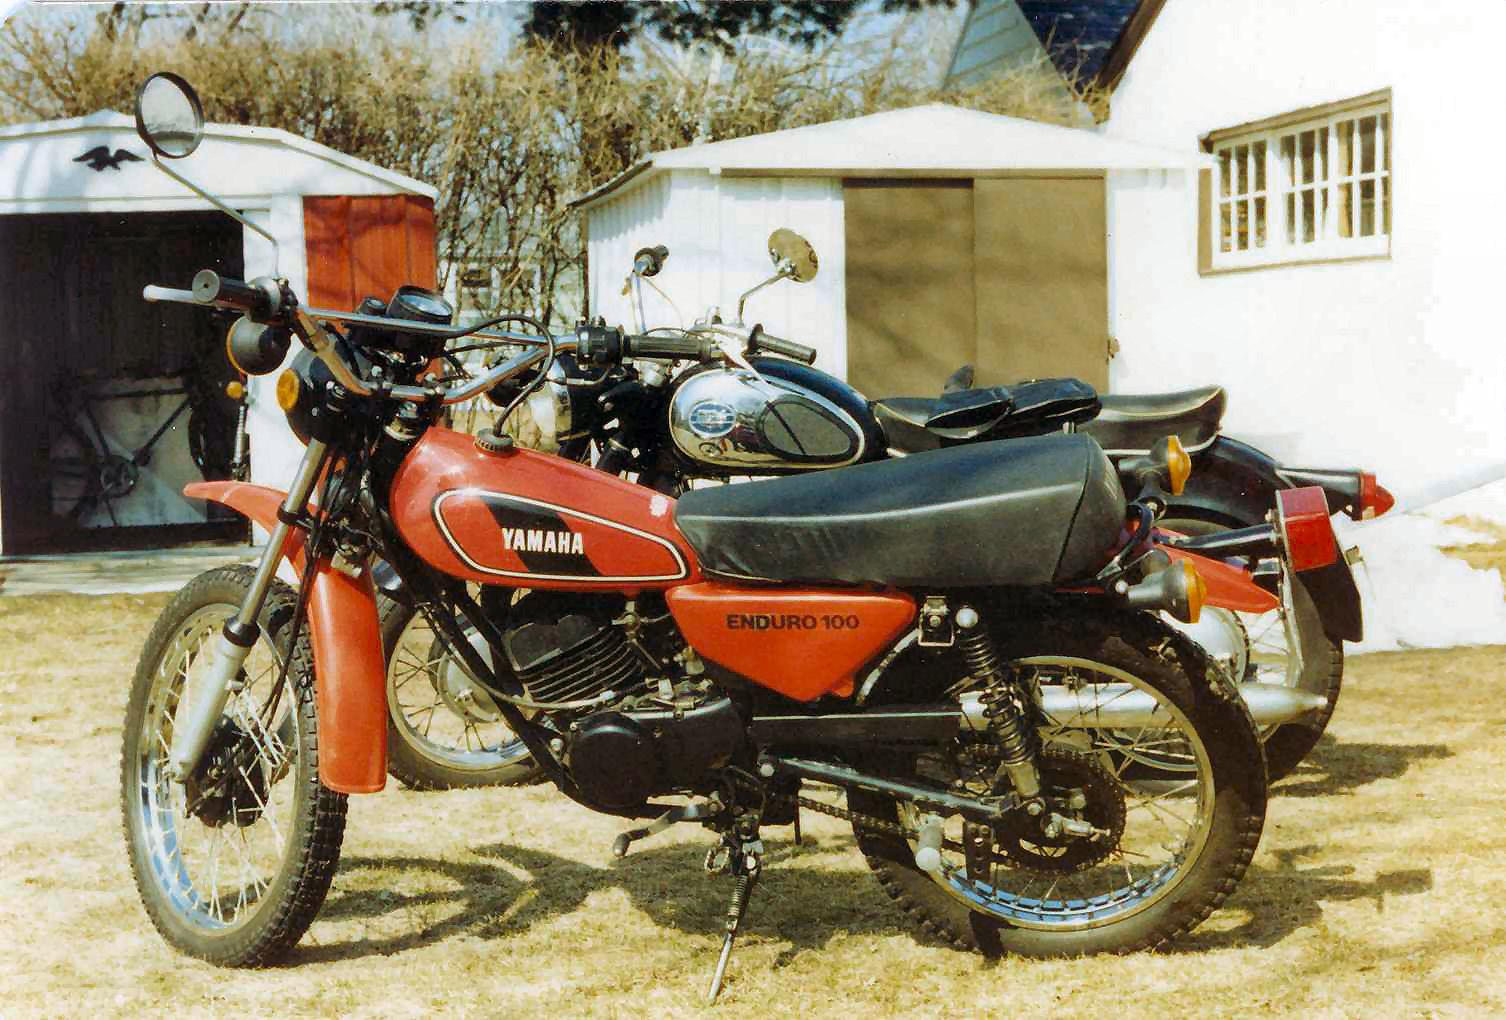 1980 Yamaha 100 Enduro